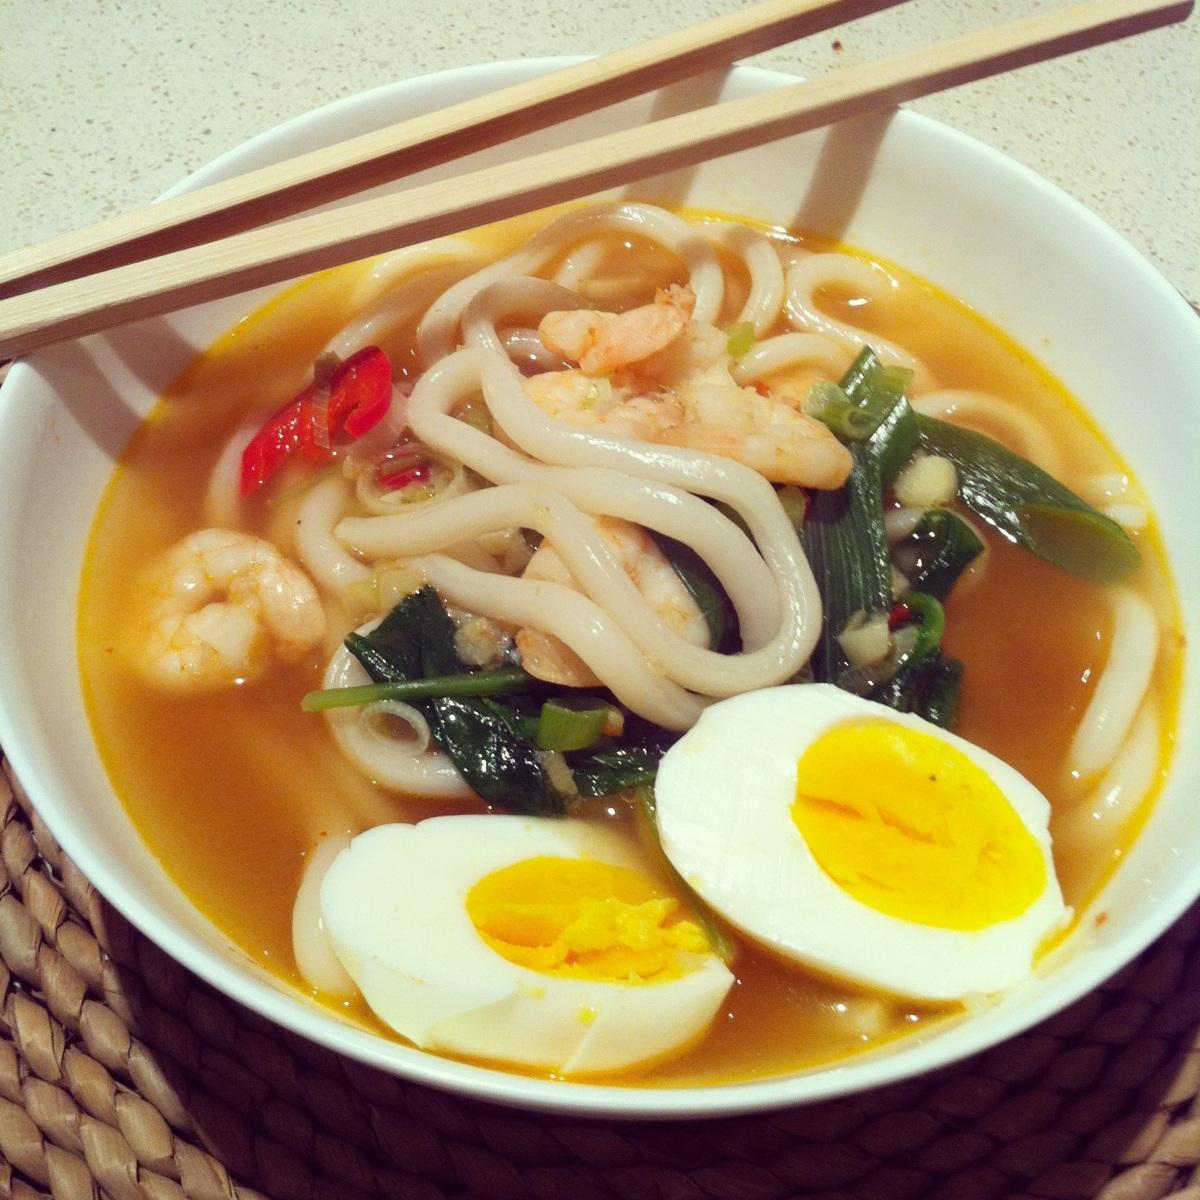 Prawn udon noodle soup